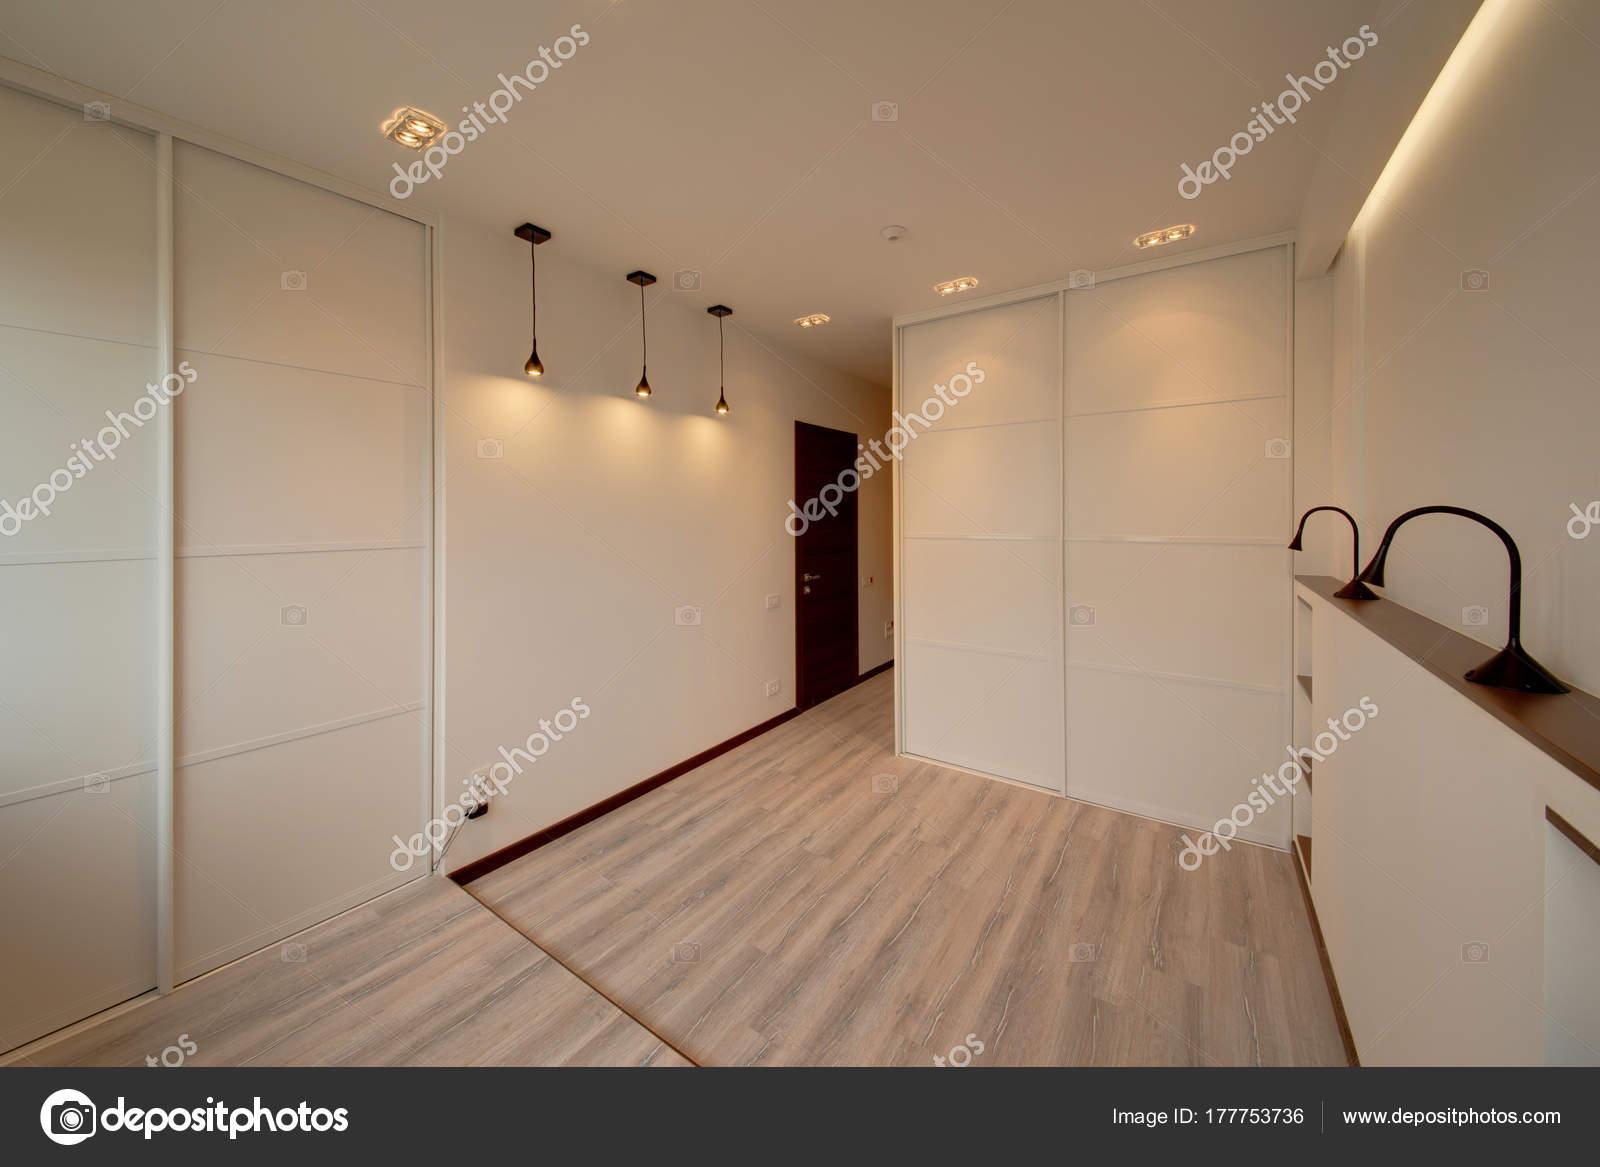 de lichte witte slaapkamer met de witte ingebouwde glijdende kasten en lampen foto van twins03